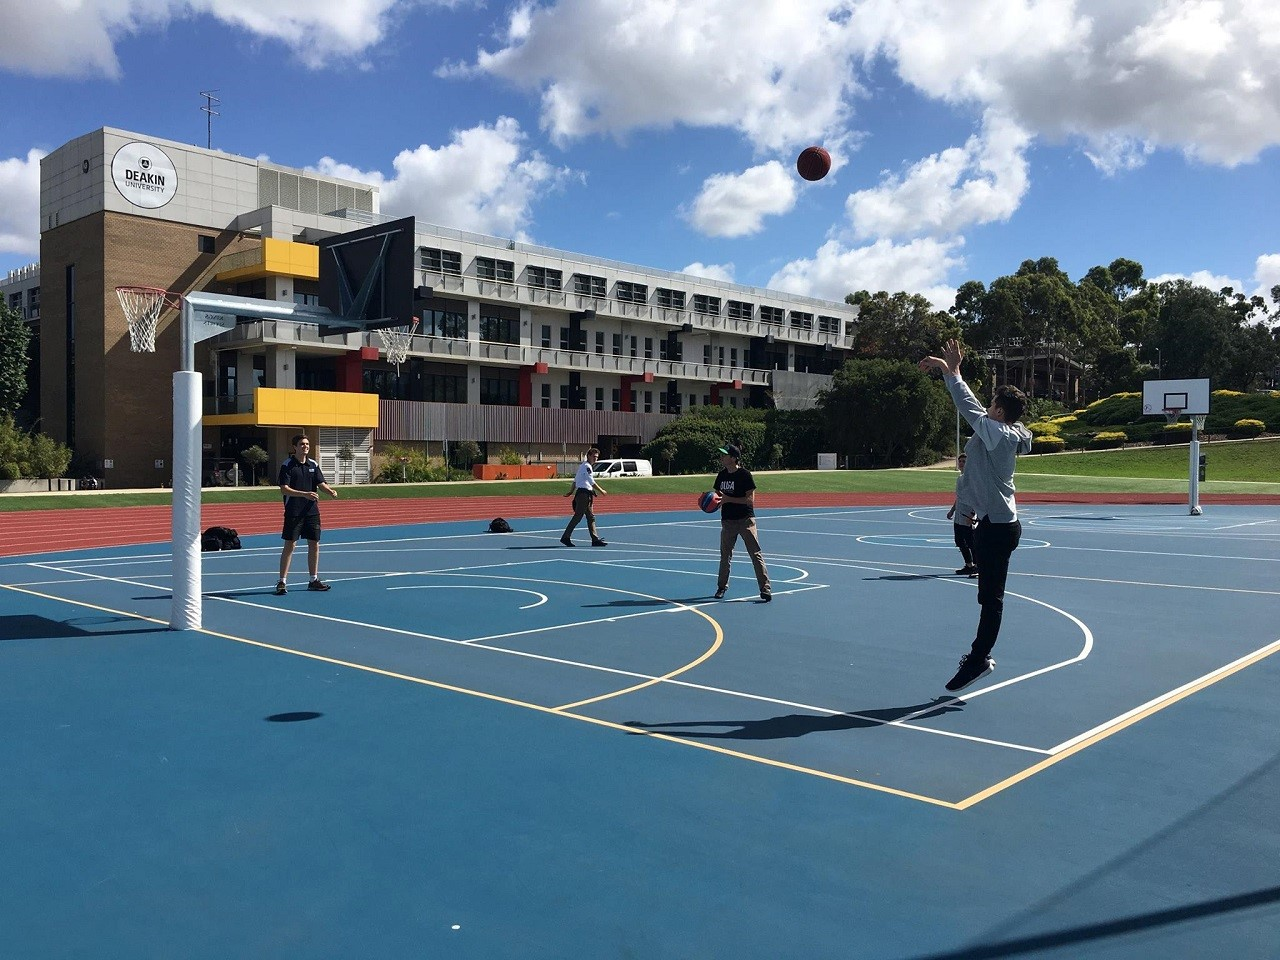 Du học Úc ngành khoa học thể thao tại Đại học Deakin